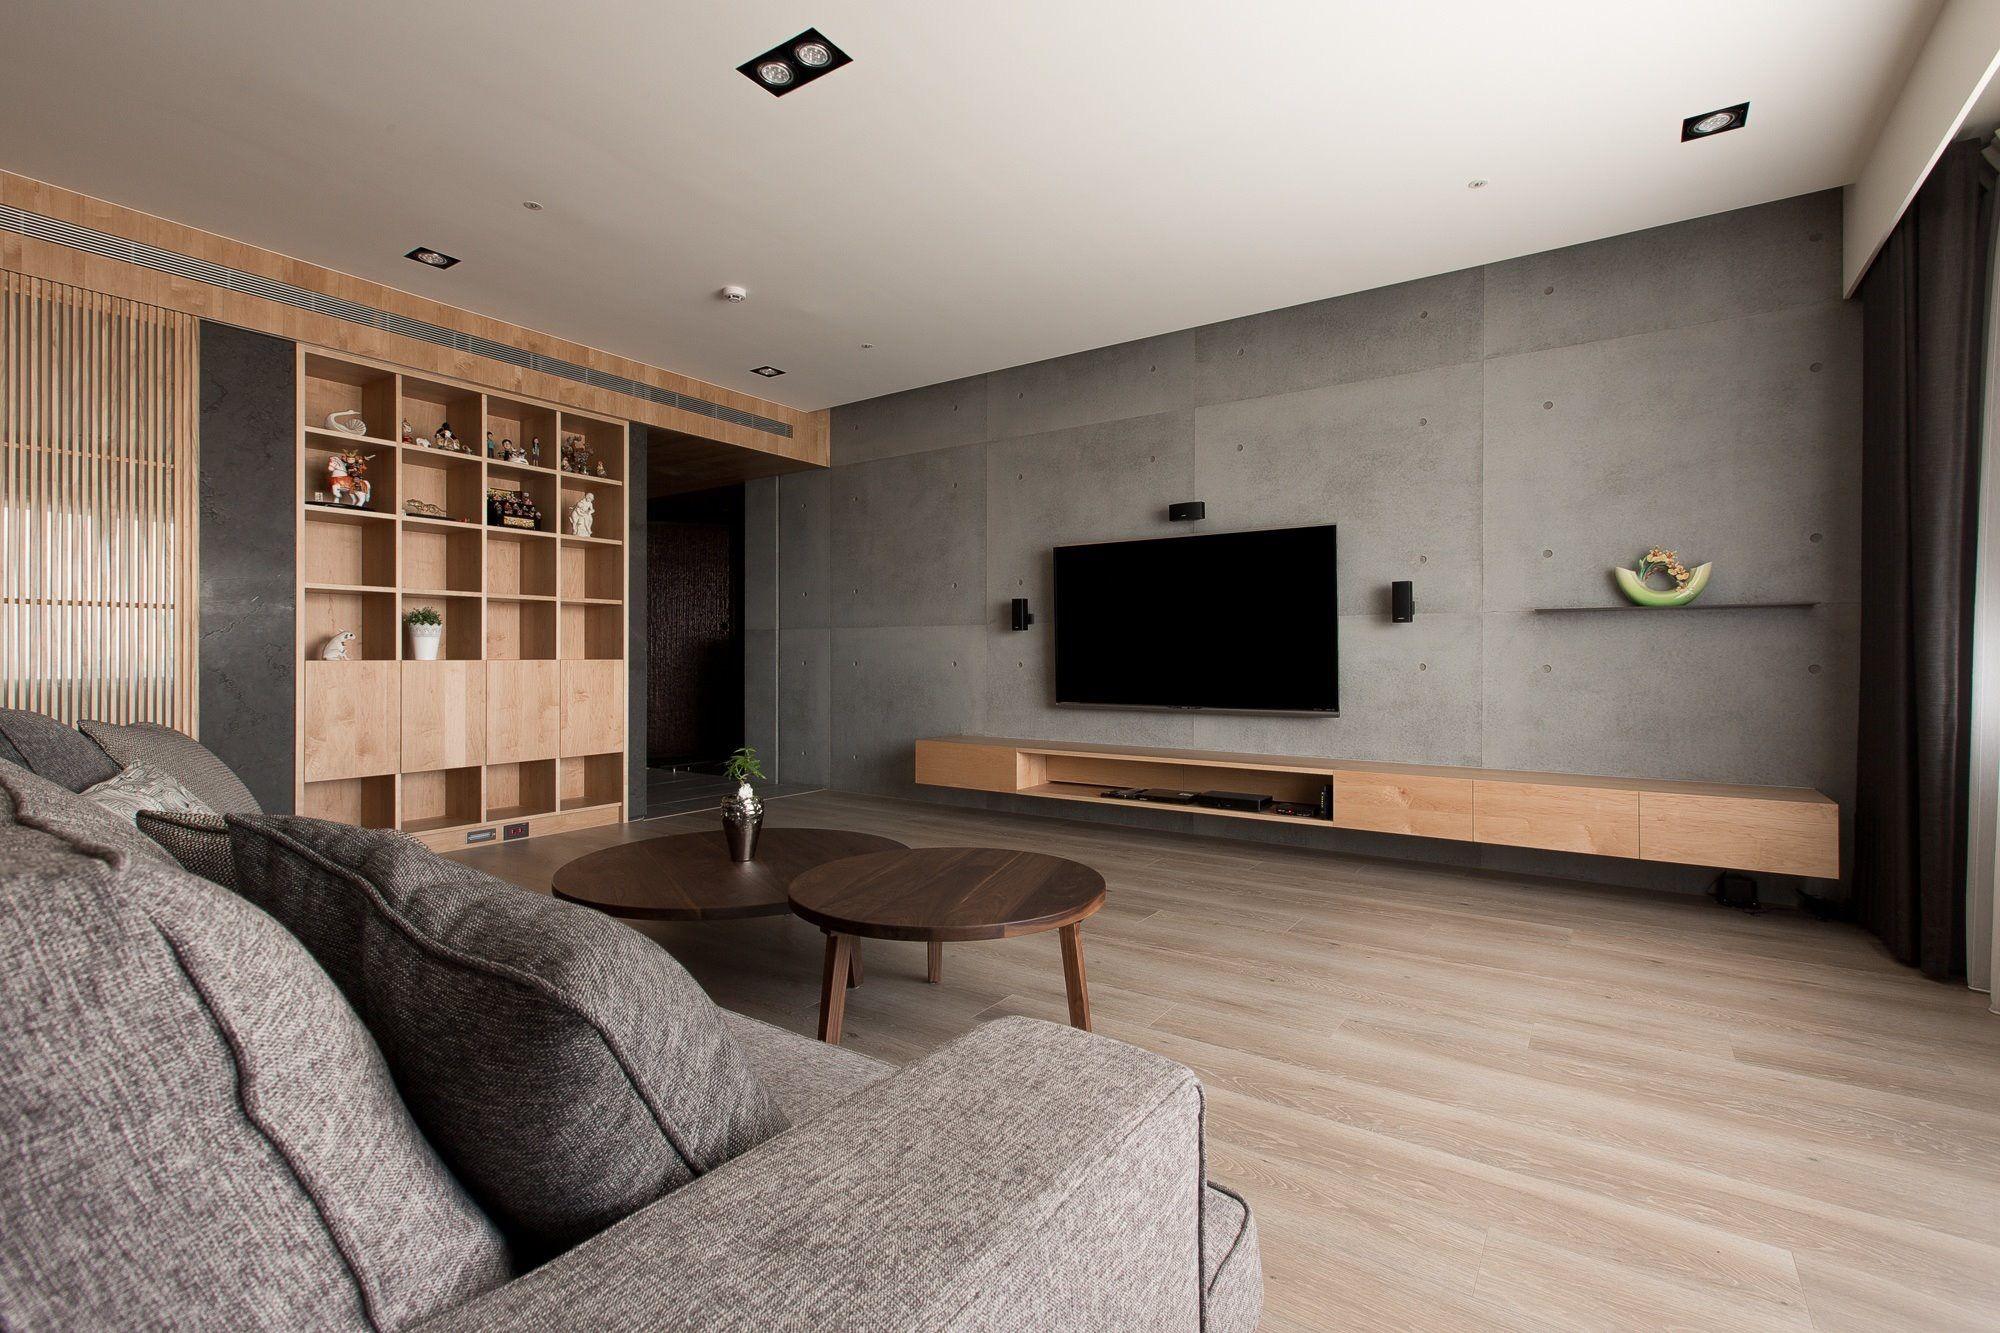 Lieblich Innenausbau, Wohnzimmer Wände, Moderne Wohnzimmer, Ideen Zur  Innenausstattung, Innenarchitektur, Moderne Einrichtung, Haus Innenräume,  Schlafzimmerdesign, ...